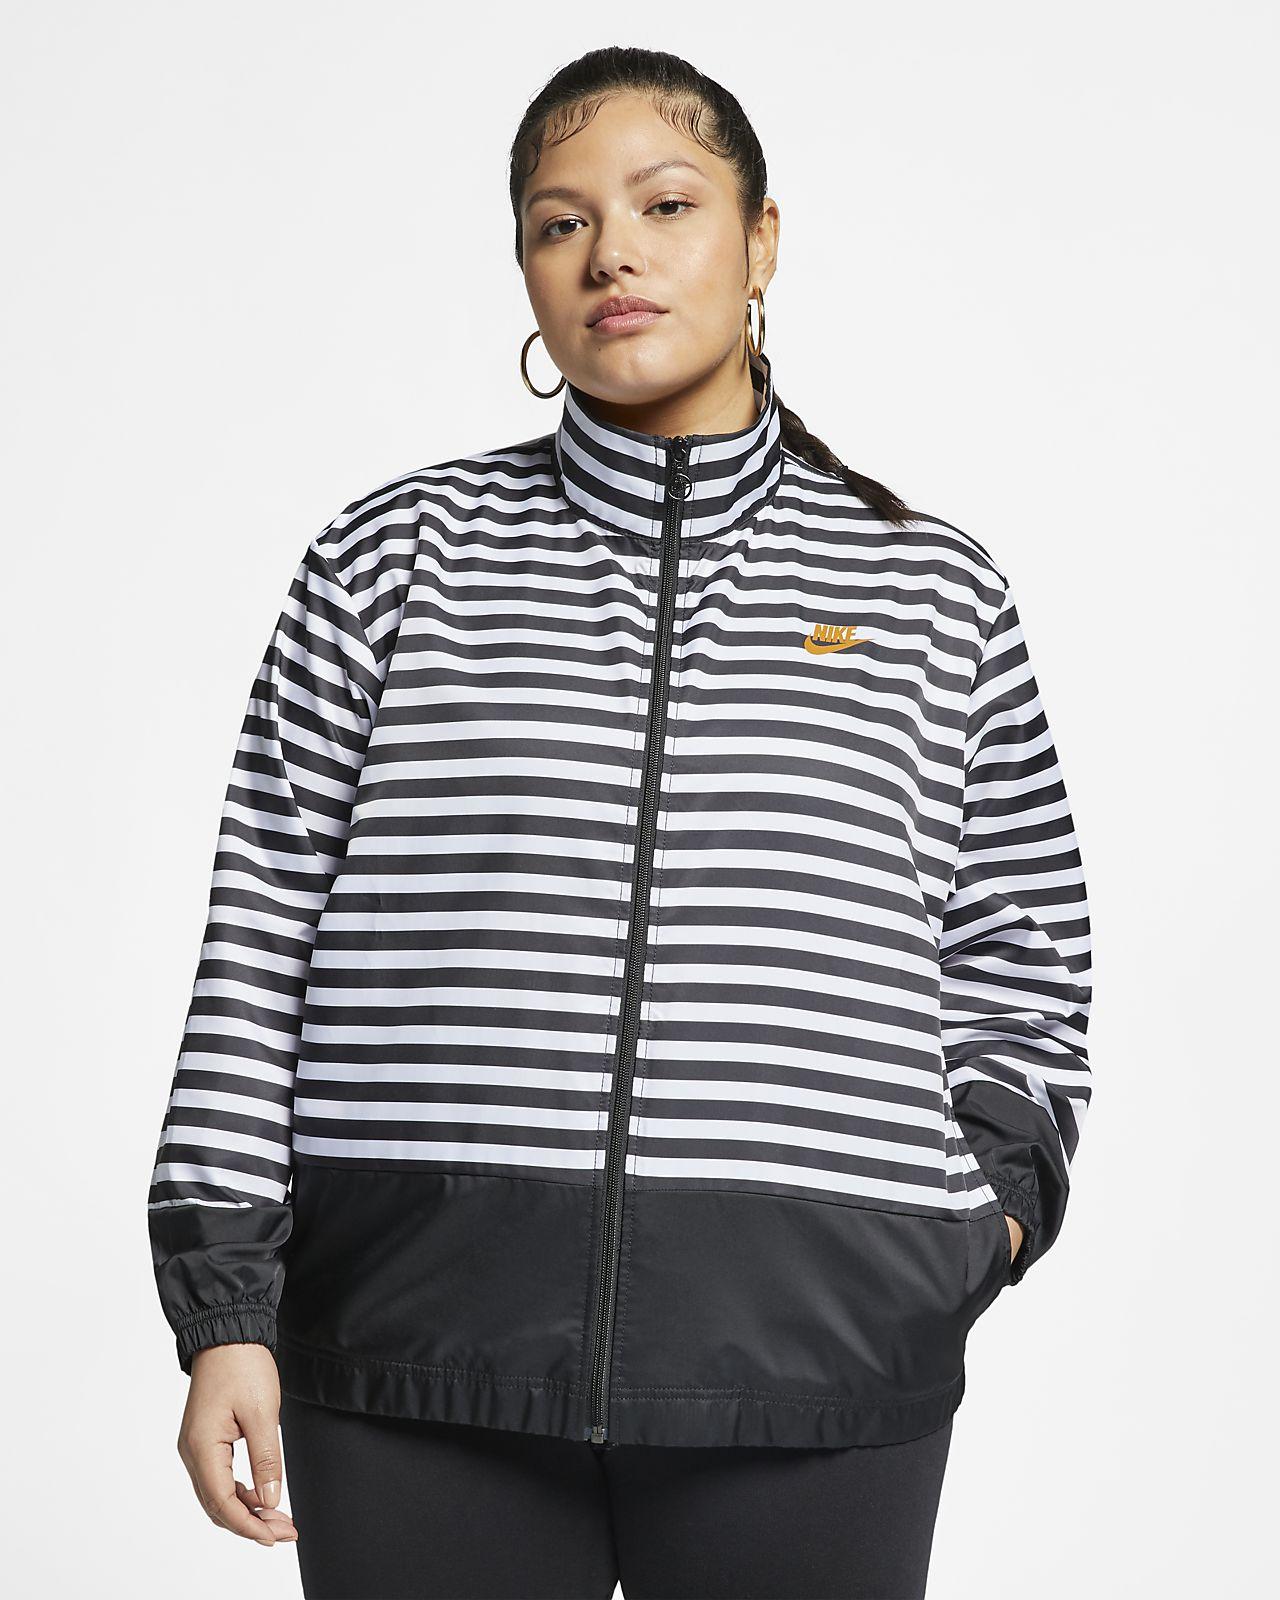 Nike Sportswear Damen-Webjacke (große Größe)